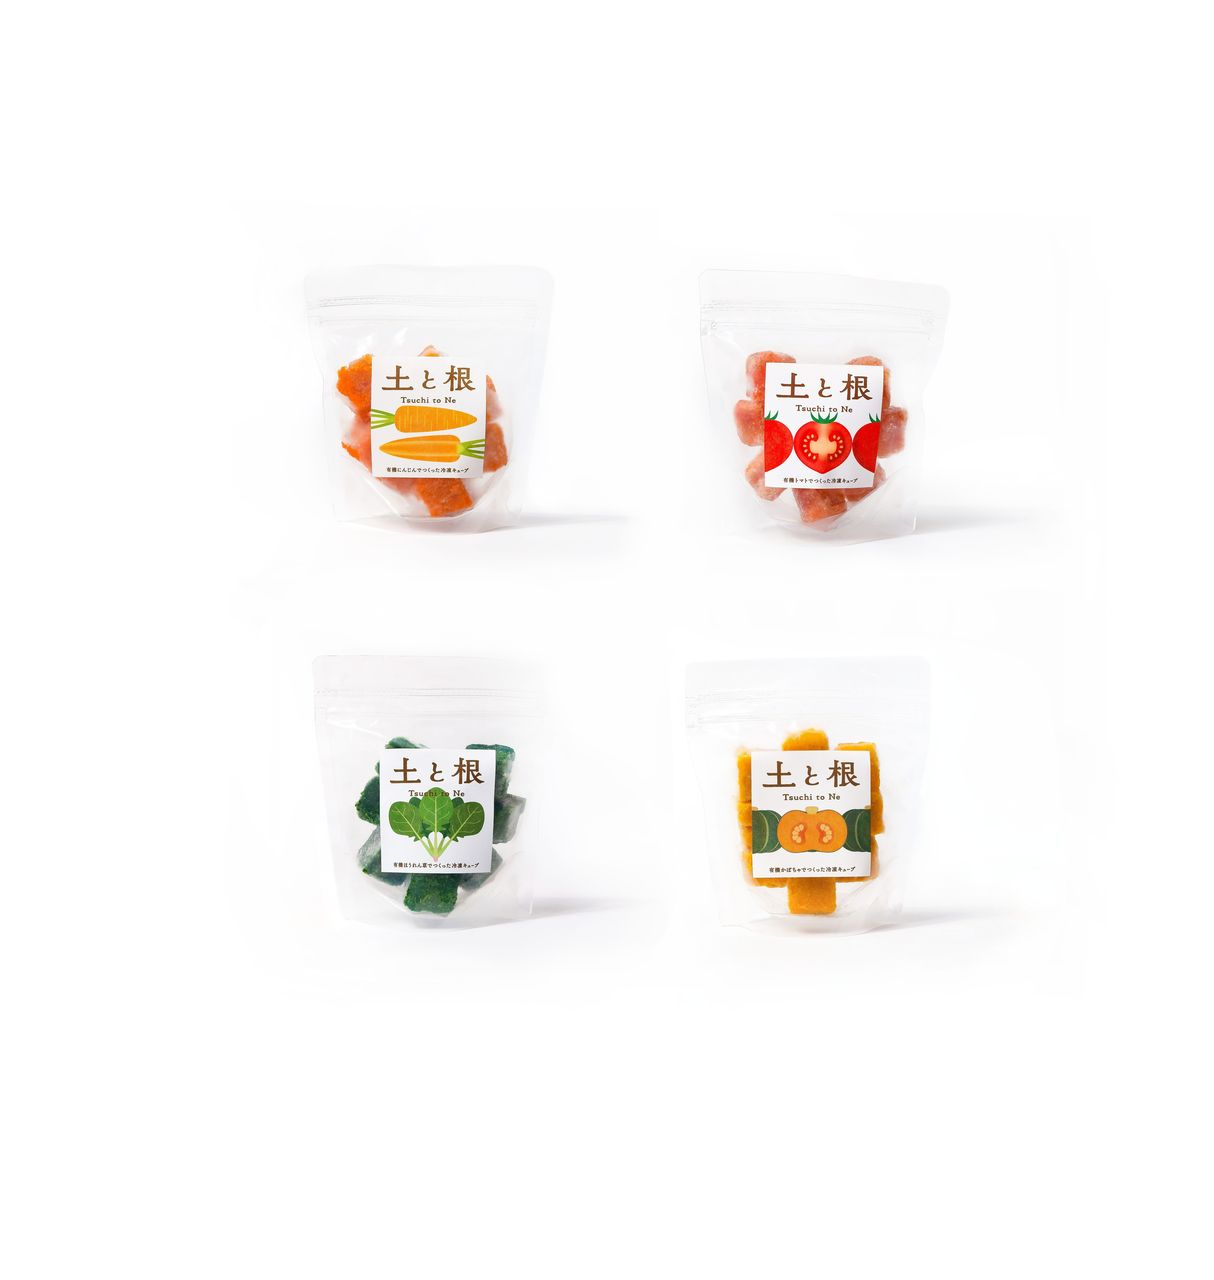 にんじん、トマト、かぼちゃ(現在はキャベツ)、ほうれん草。国産有機野菜を丁寧な下処理と急速冷凍技術で、おいしさと栄養を壊さず冷凍キューブに。2種セット、4種セット/ギフトセット¥2,480~(税込)/土と根(Kazamidori)